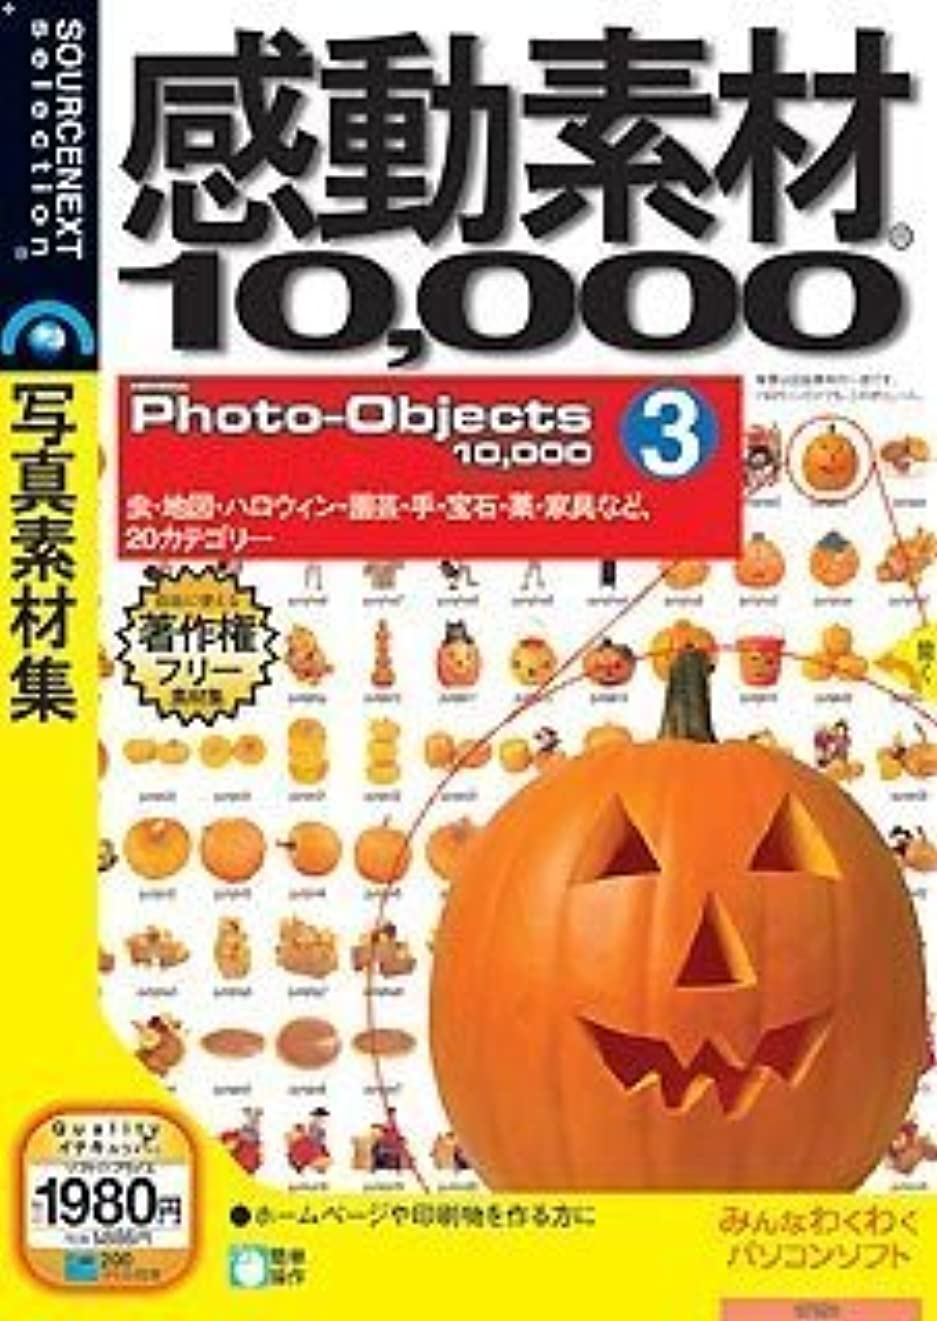 遺伝的復活させるヒューム感動素材10000 HEMERA Photo-Objects 3 (税込1980円版)(説明扉付きスリムパッケージ版)